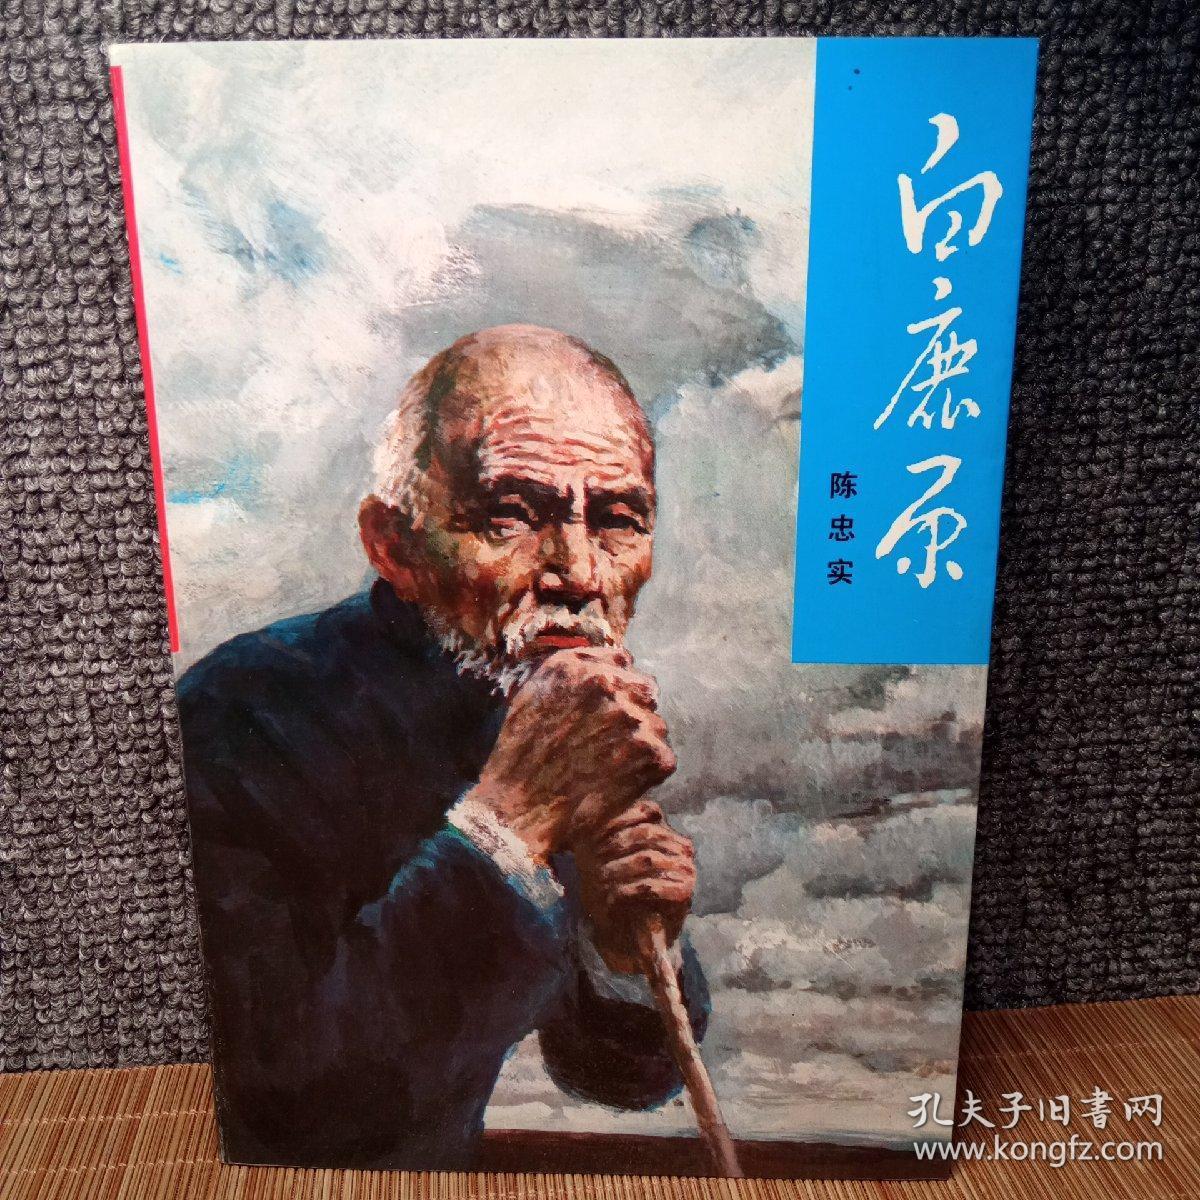 白鹿原(正版未删减版,1993年一版三印,库存,品新干净)